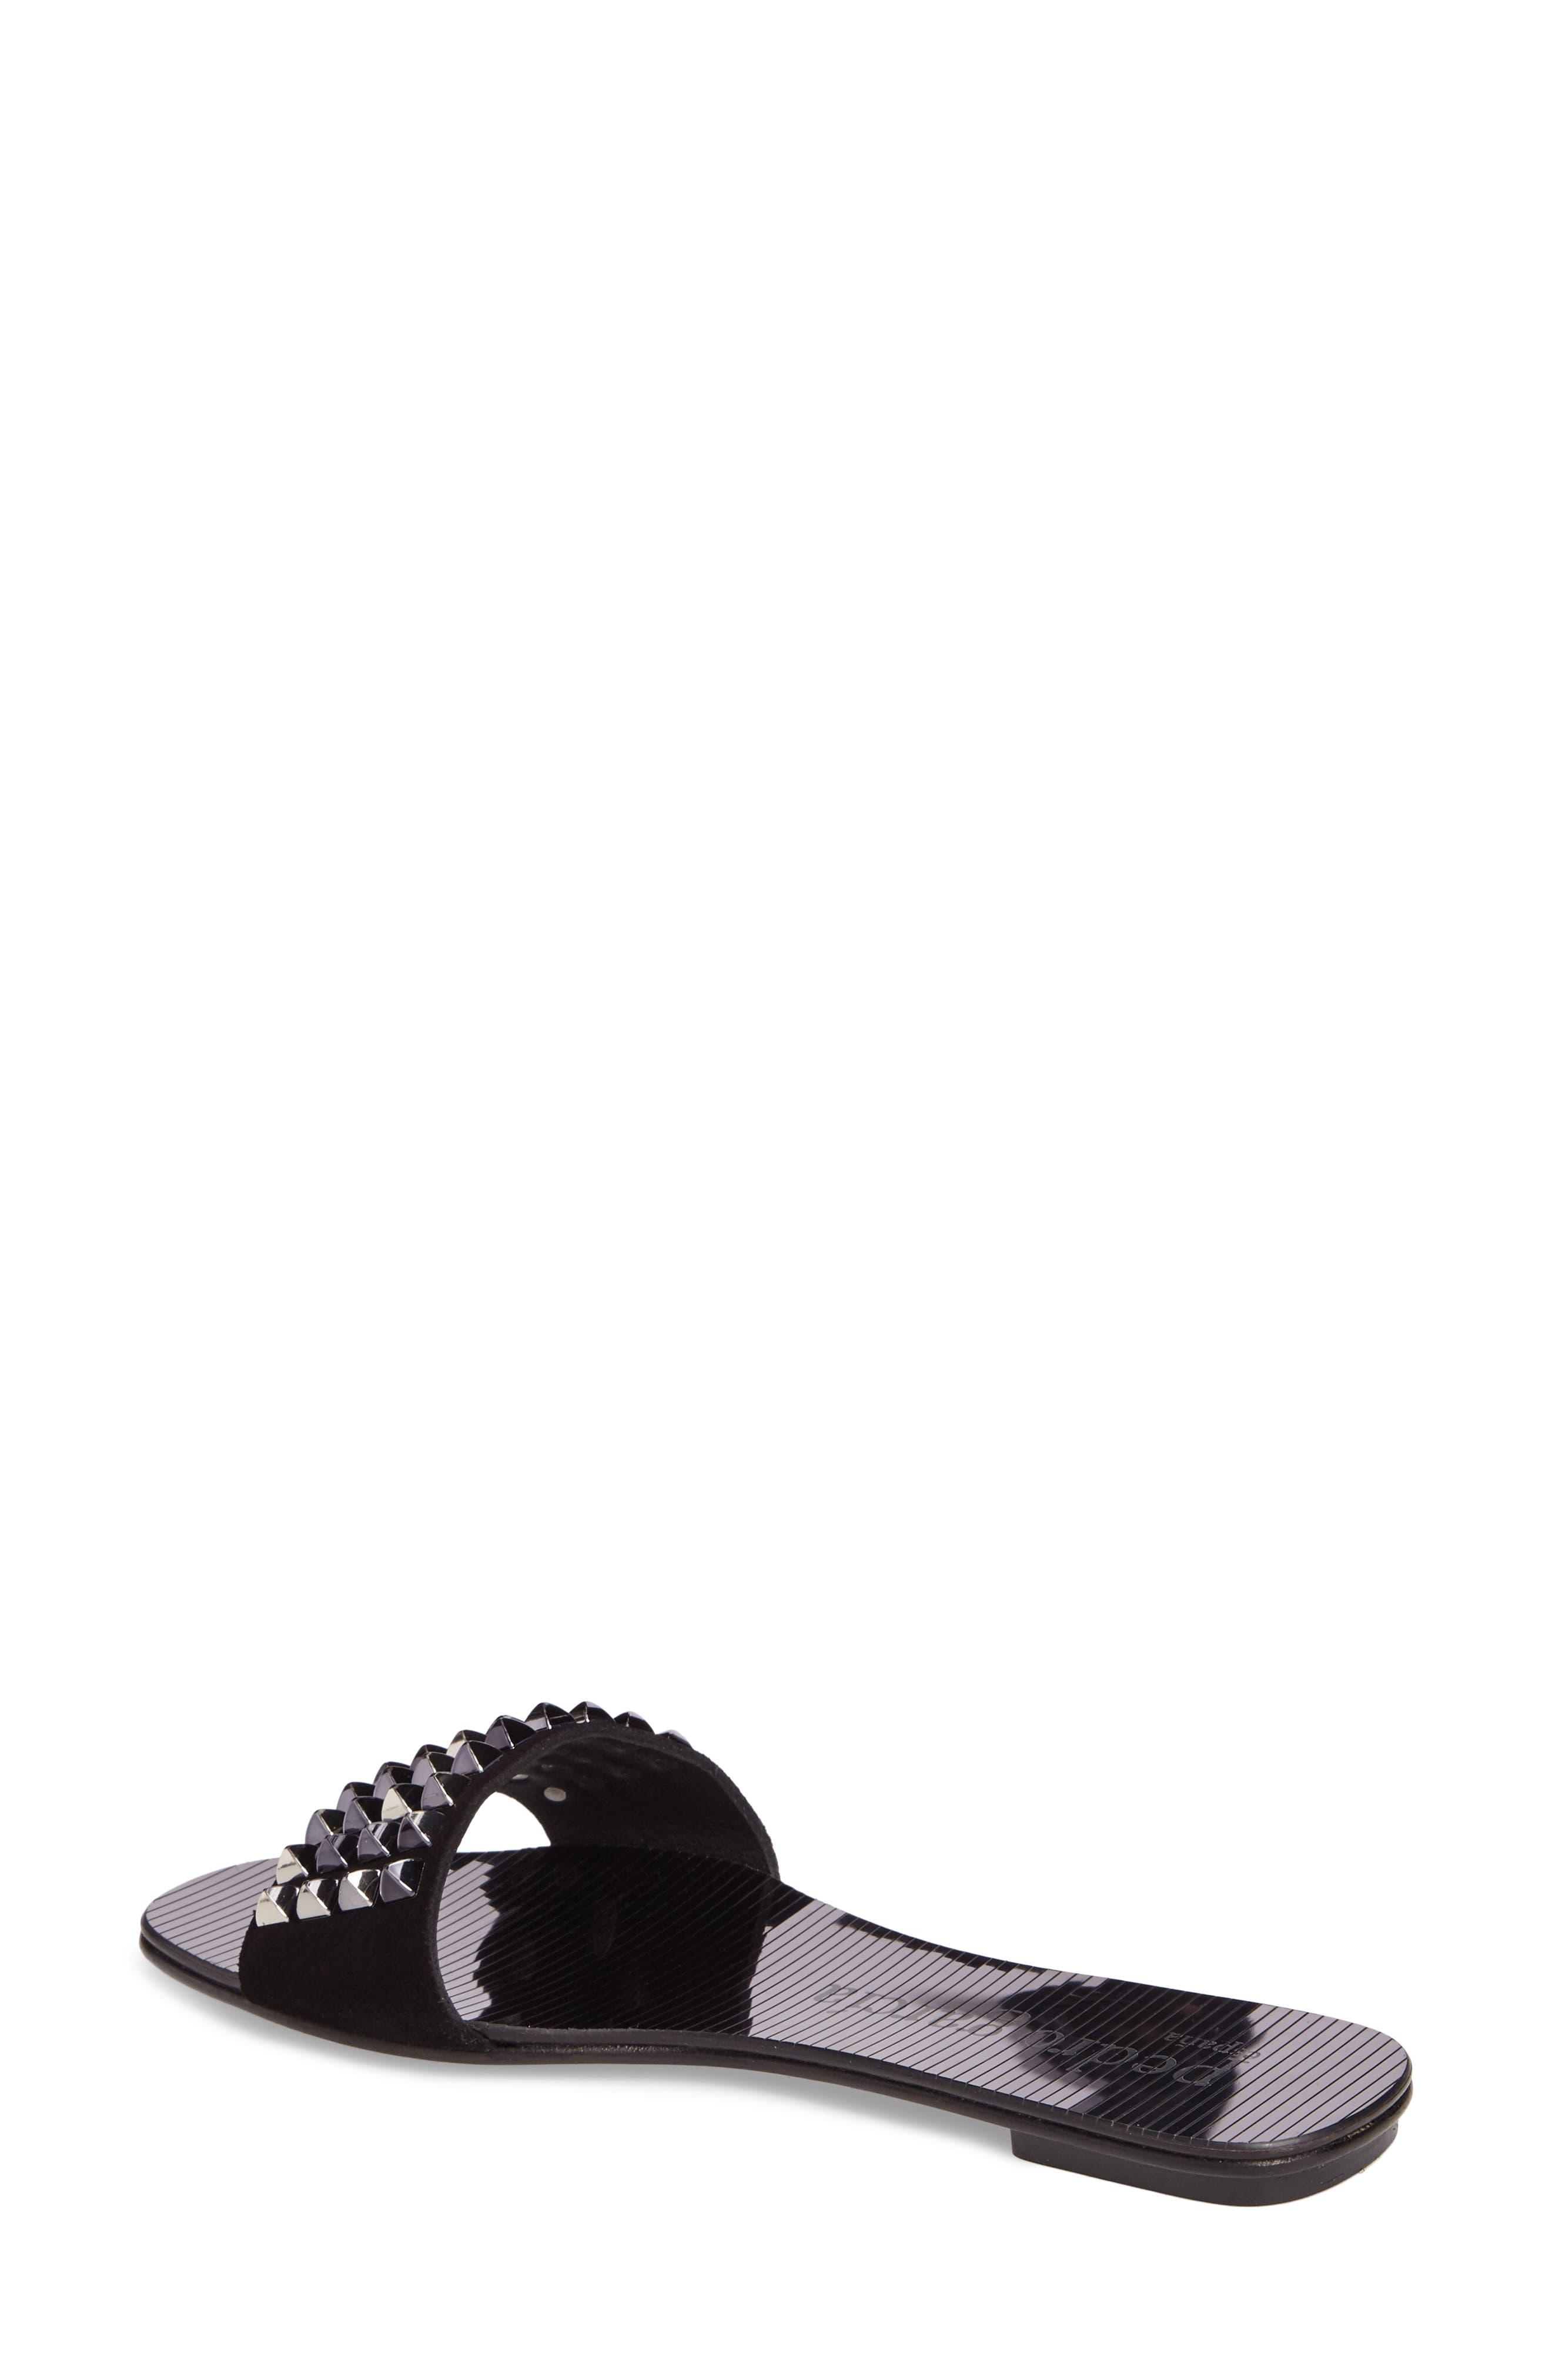 Alternate Image 2  - Pedro Garcia Edge Studded Slide Sandal (Women)